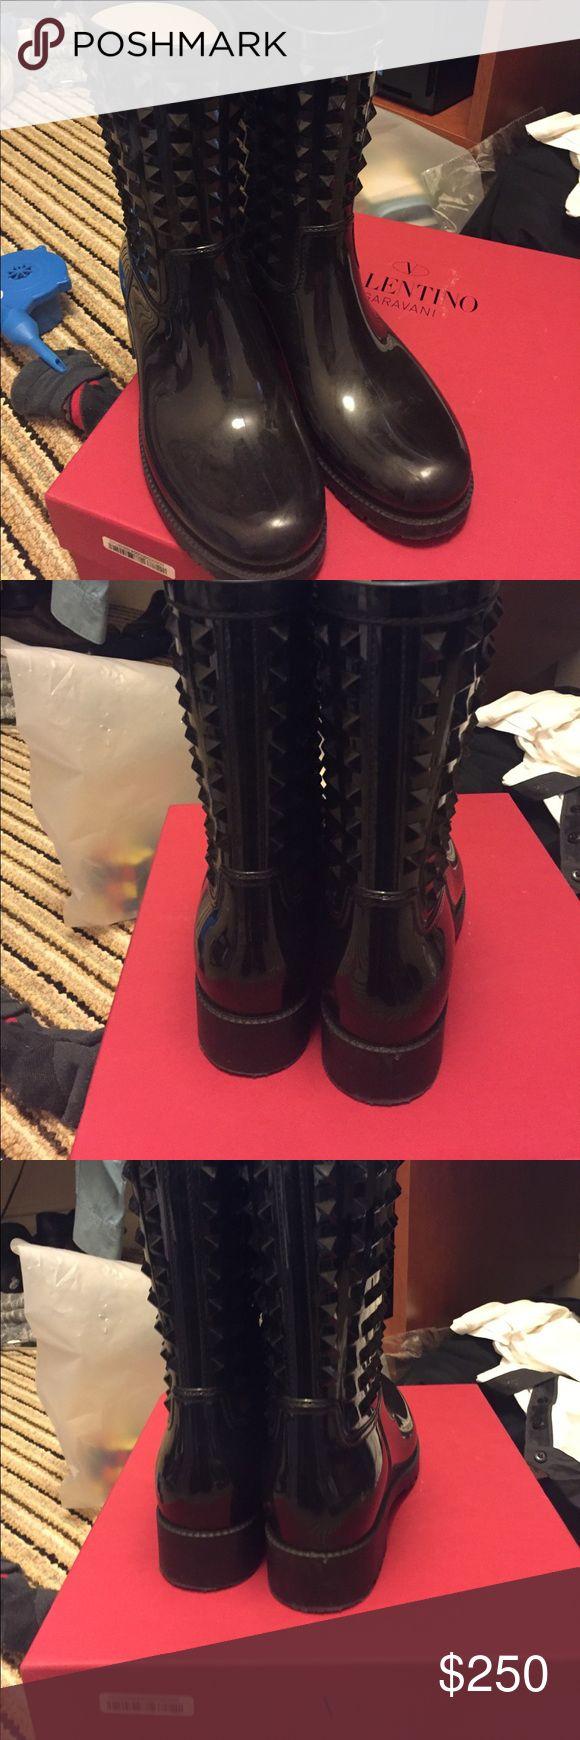 Genuine Valentino rain boots Valentino rain boot. Great condition Shoes Winter & Rain Boots